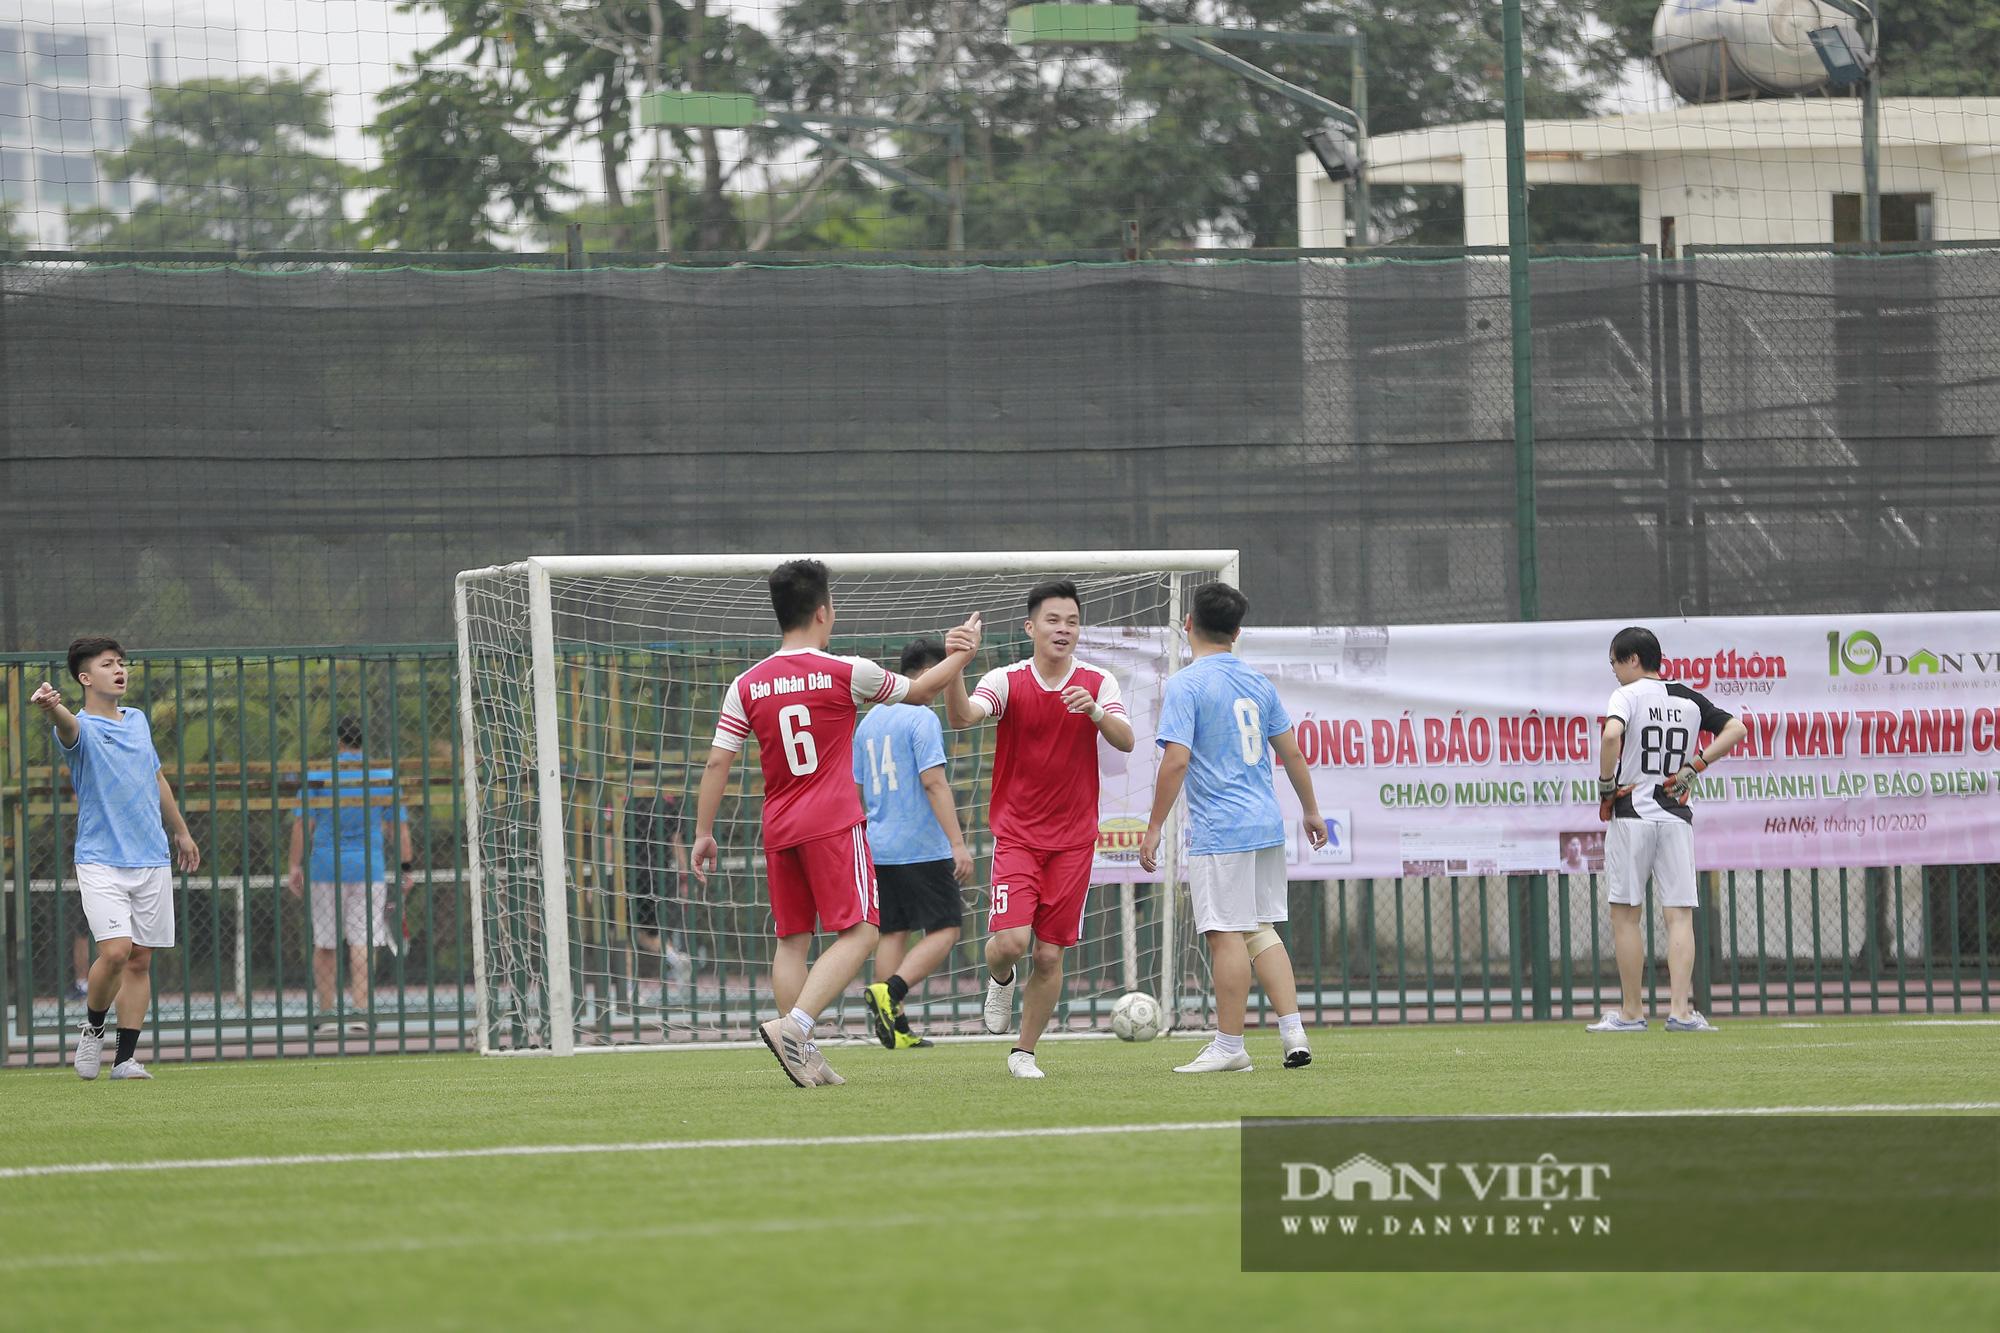 Khoảnh khắc lượt trận cuối cùng vòng bảng giải bóng đá báo NTNN/Dân Việt  - Ảnh 10.